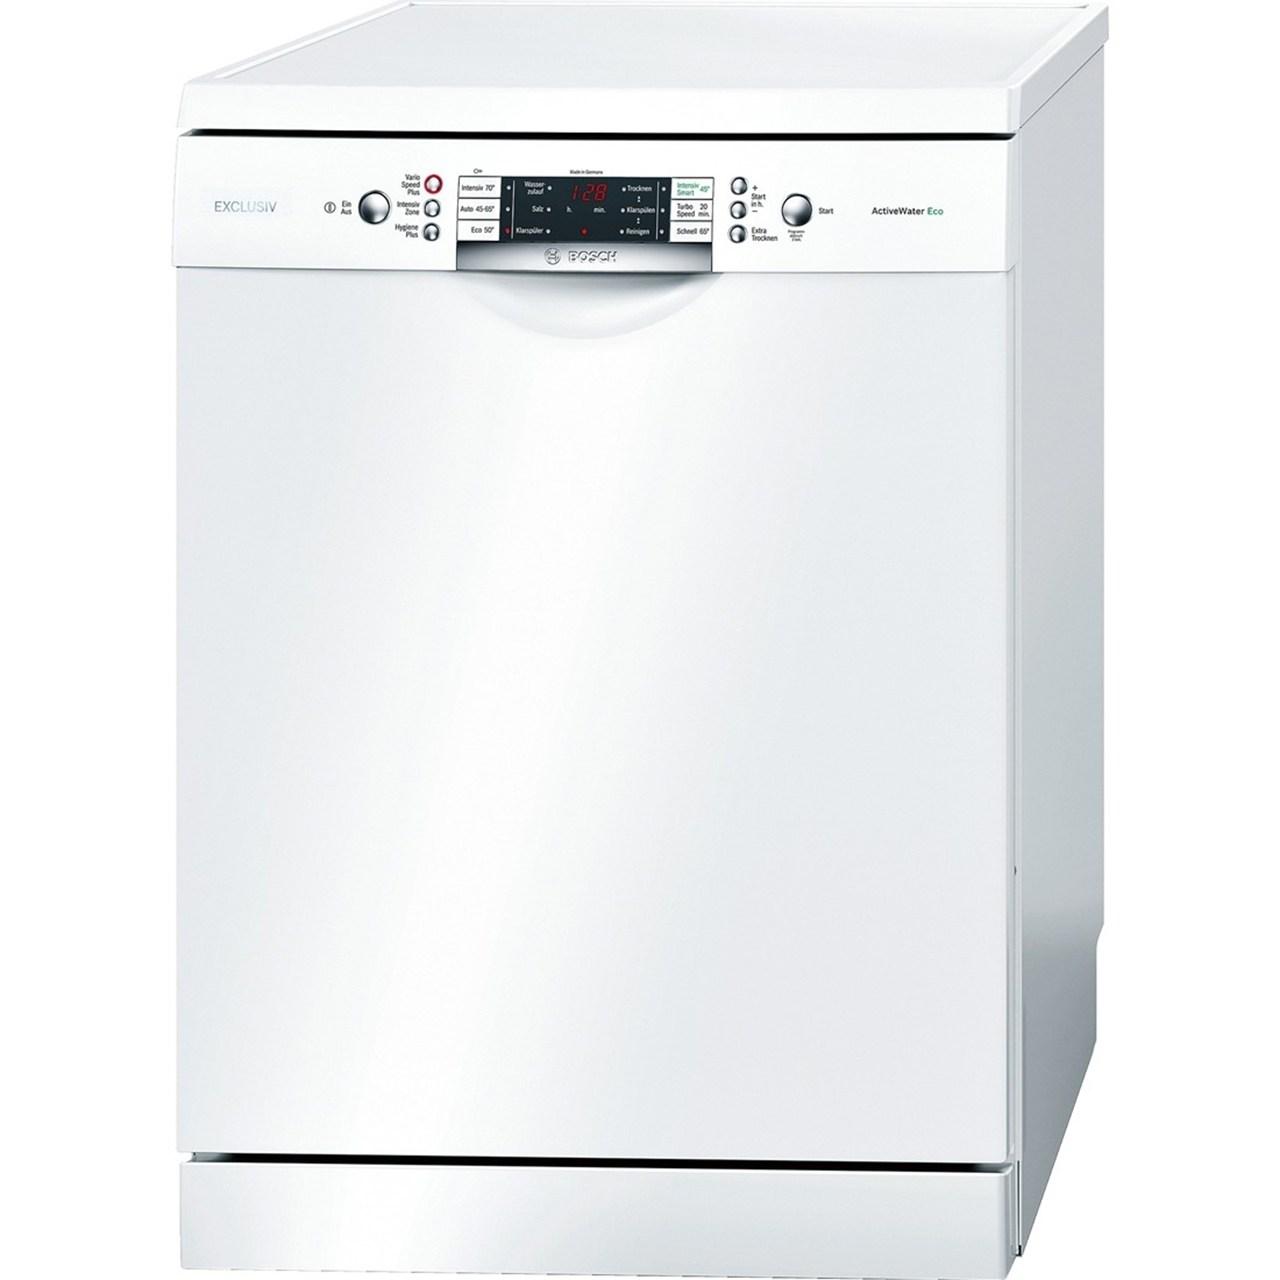 ماشین ظرفشویی بوش مدل SMS86N72DE